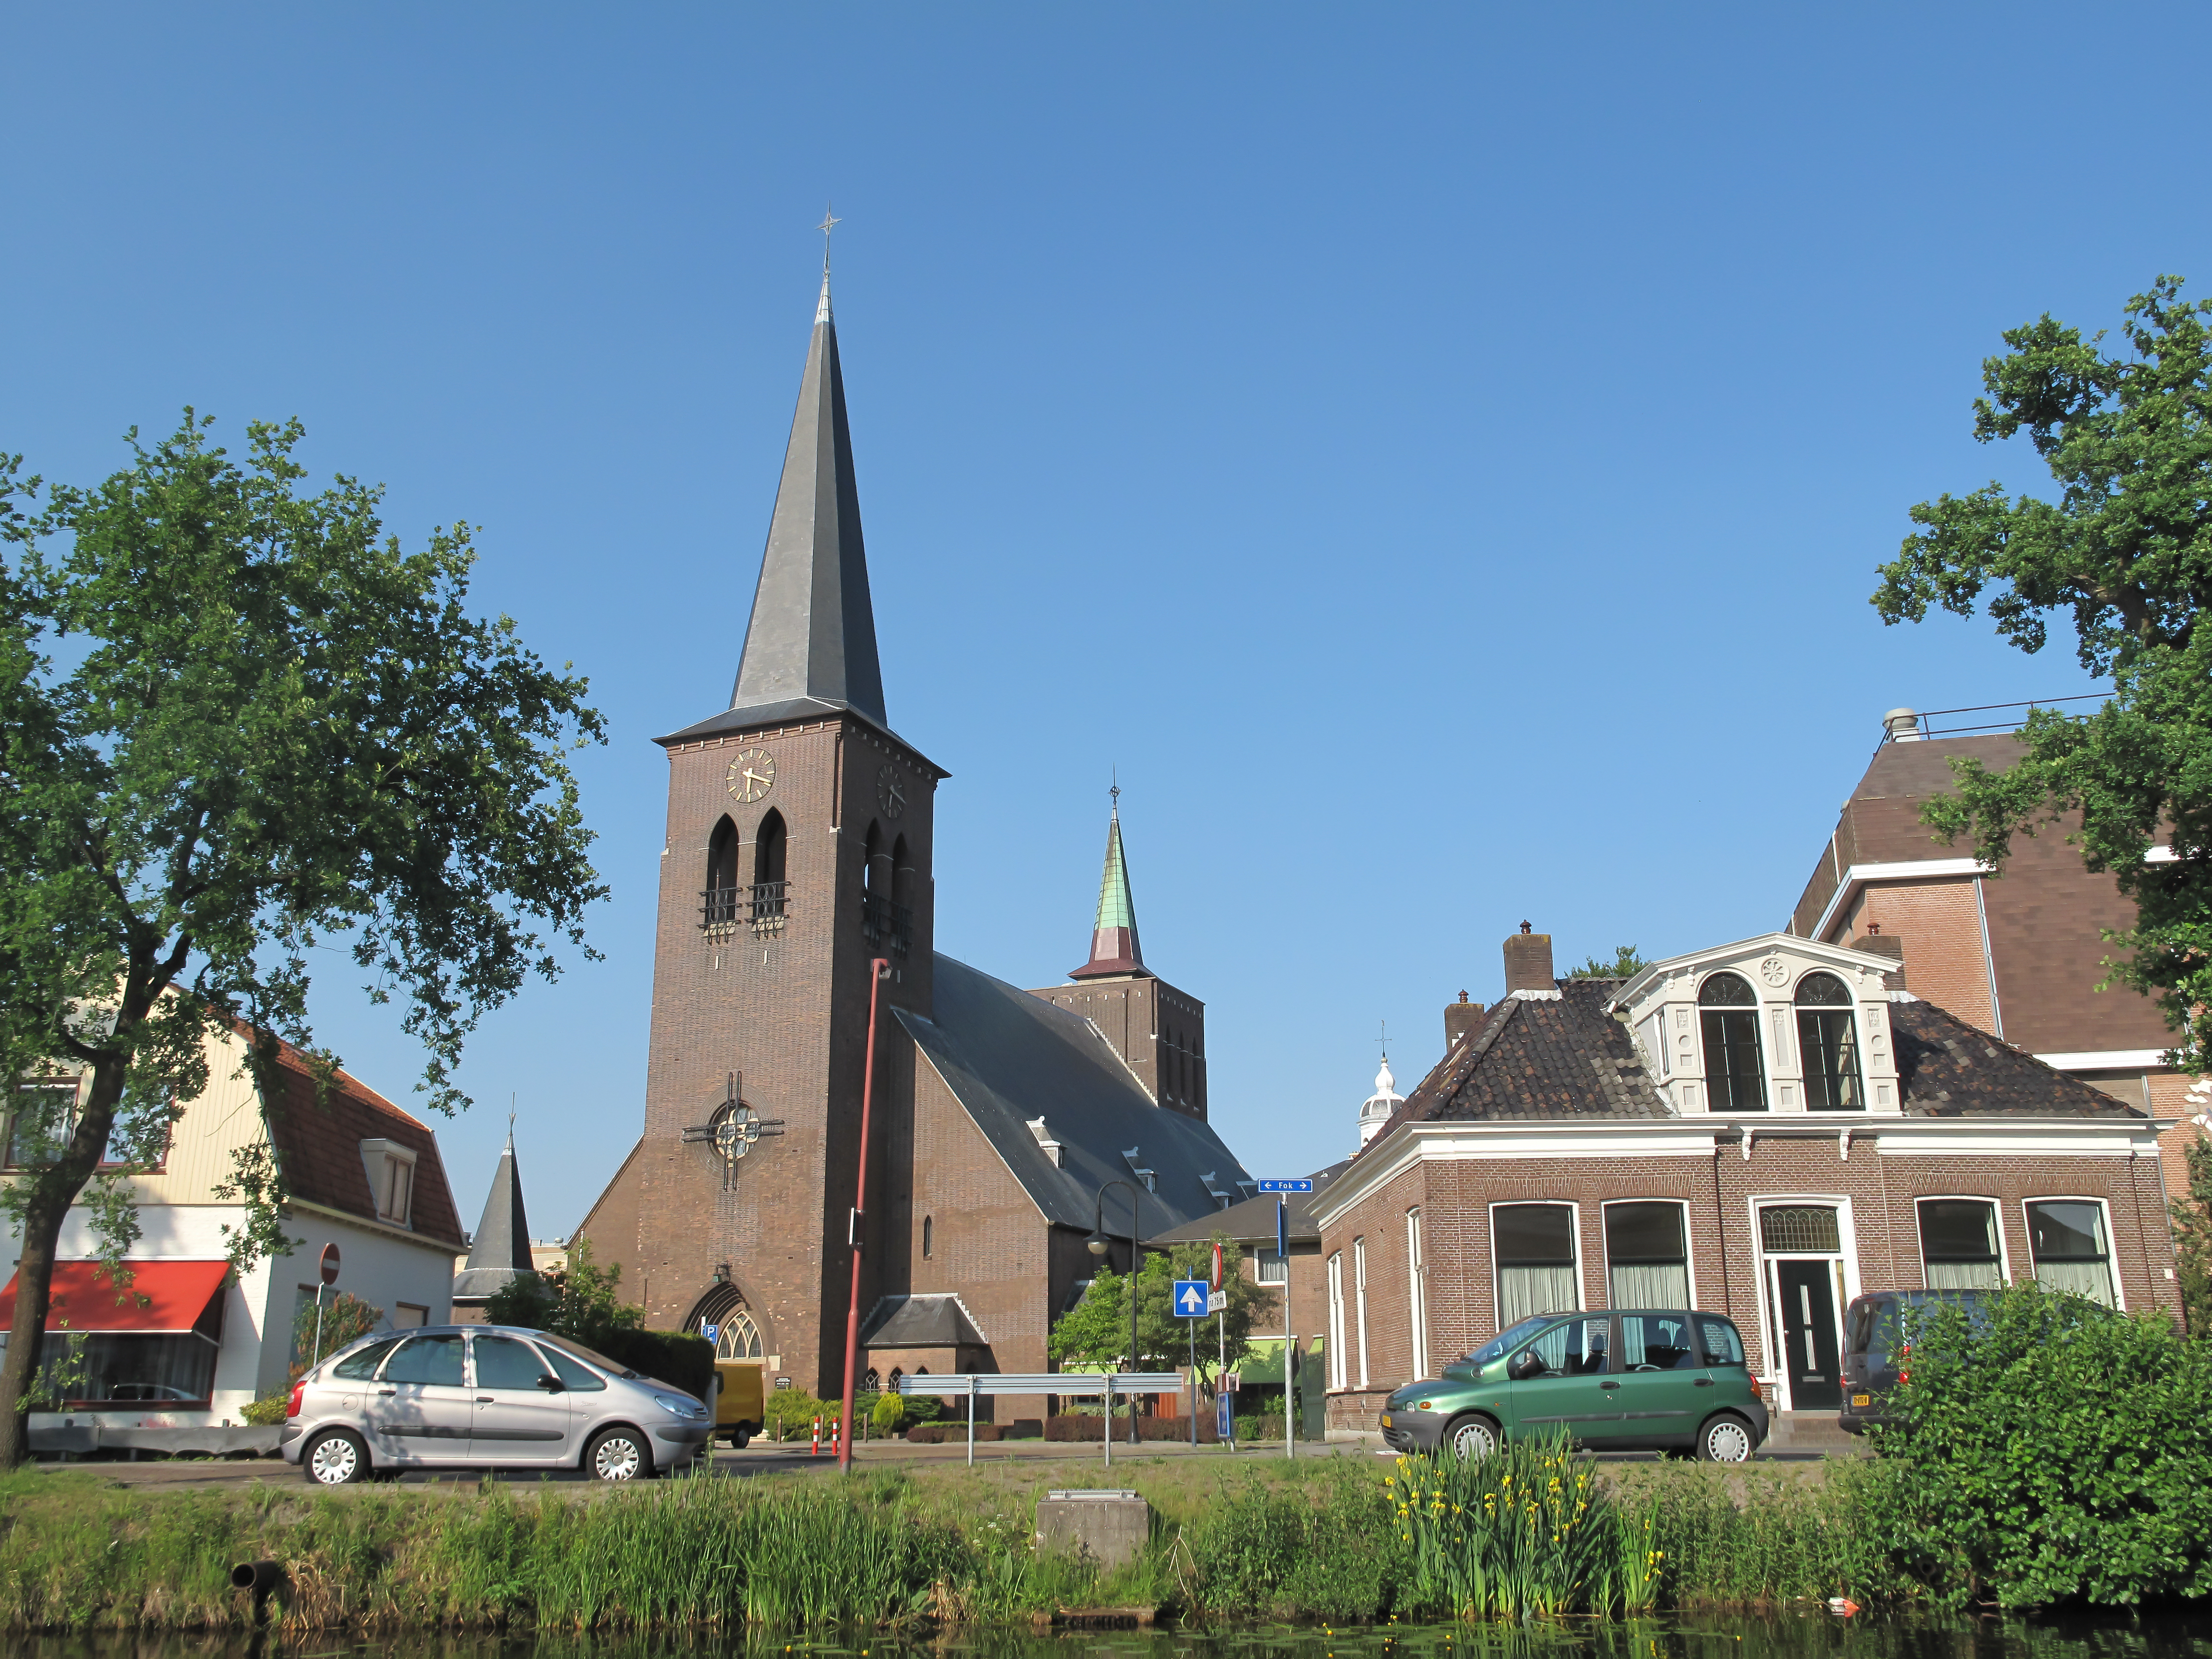 heerenveen, kerk in straatzicht foto1 2011-05-21 18.18.jpg